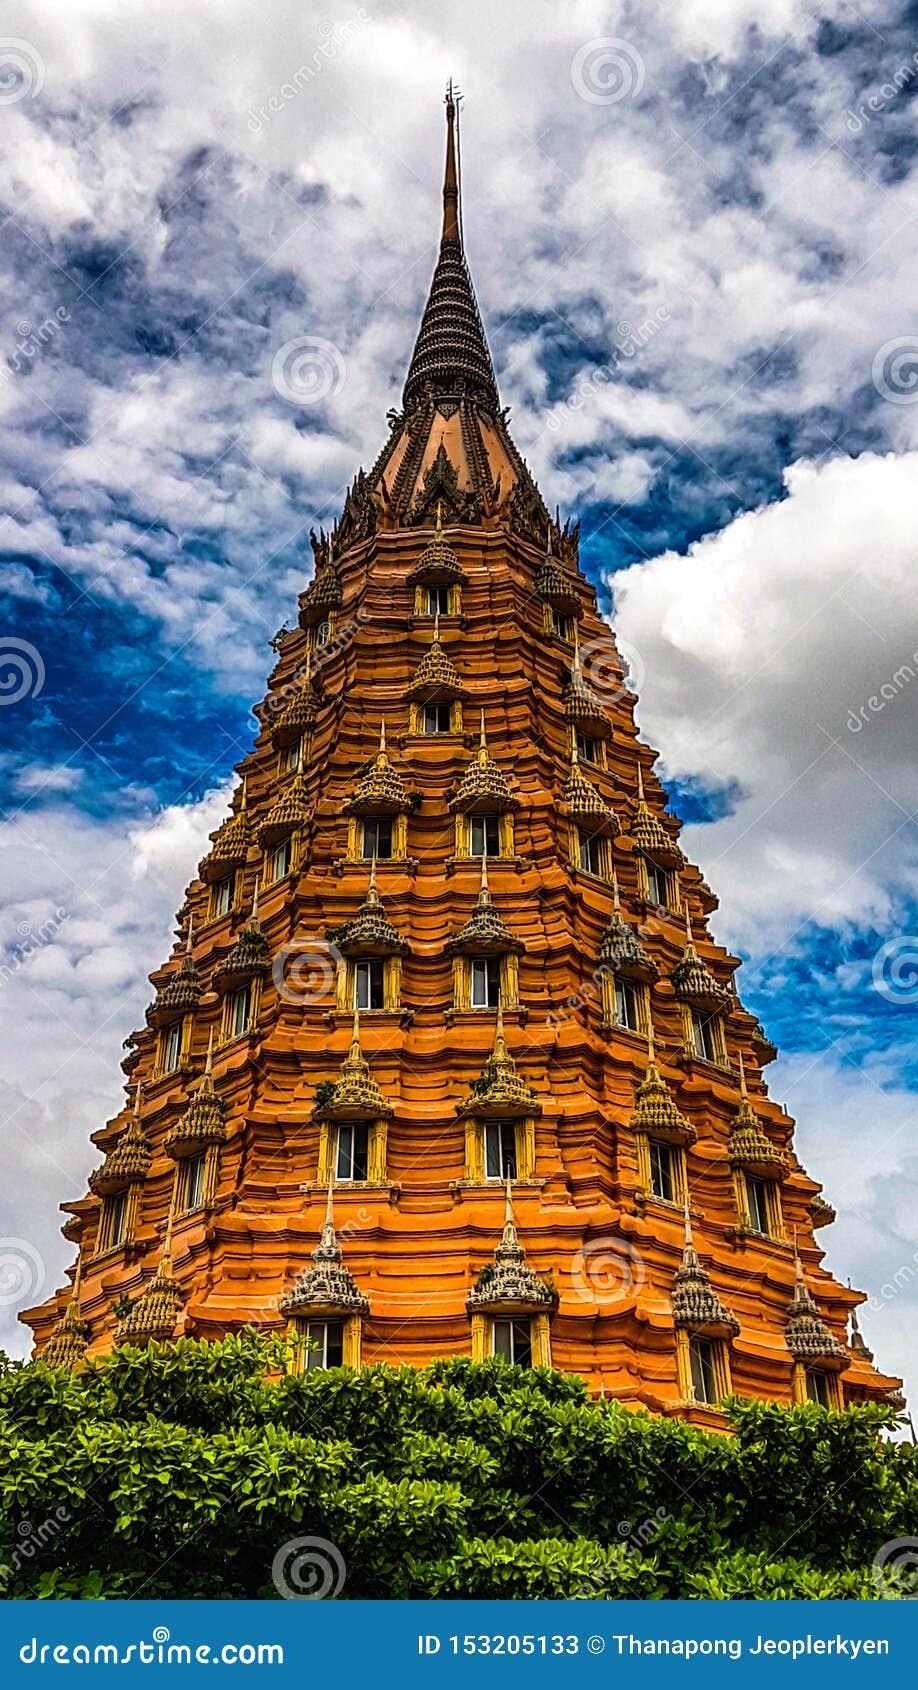 La vecchi pagoda e cielo blu per fondo